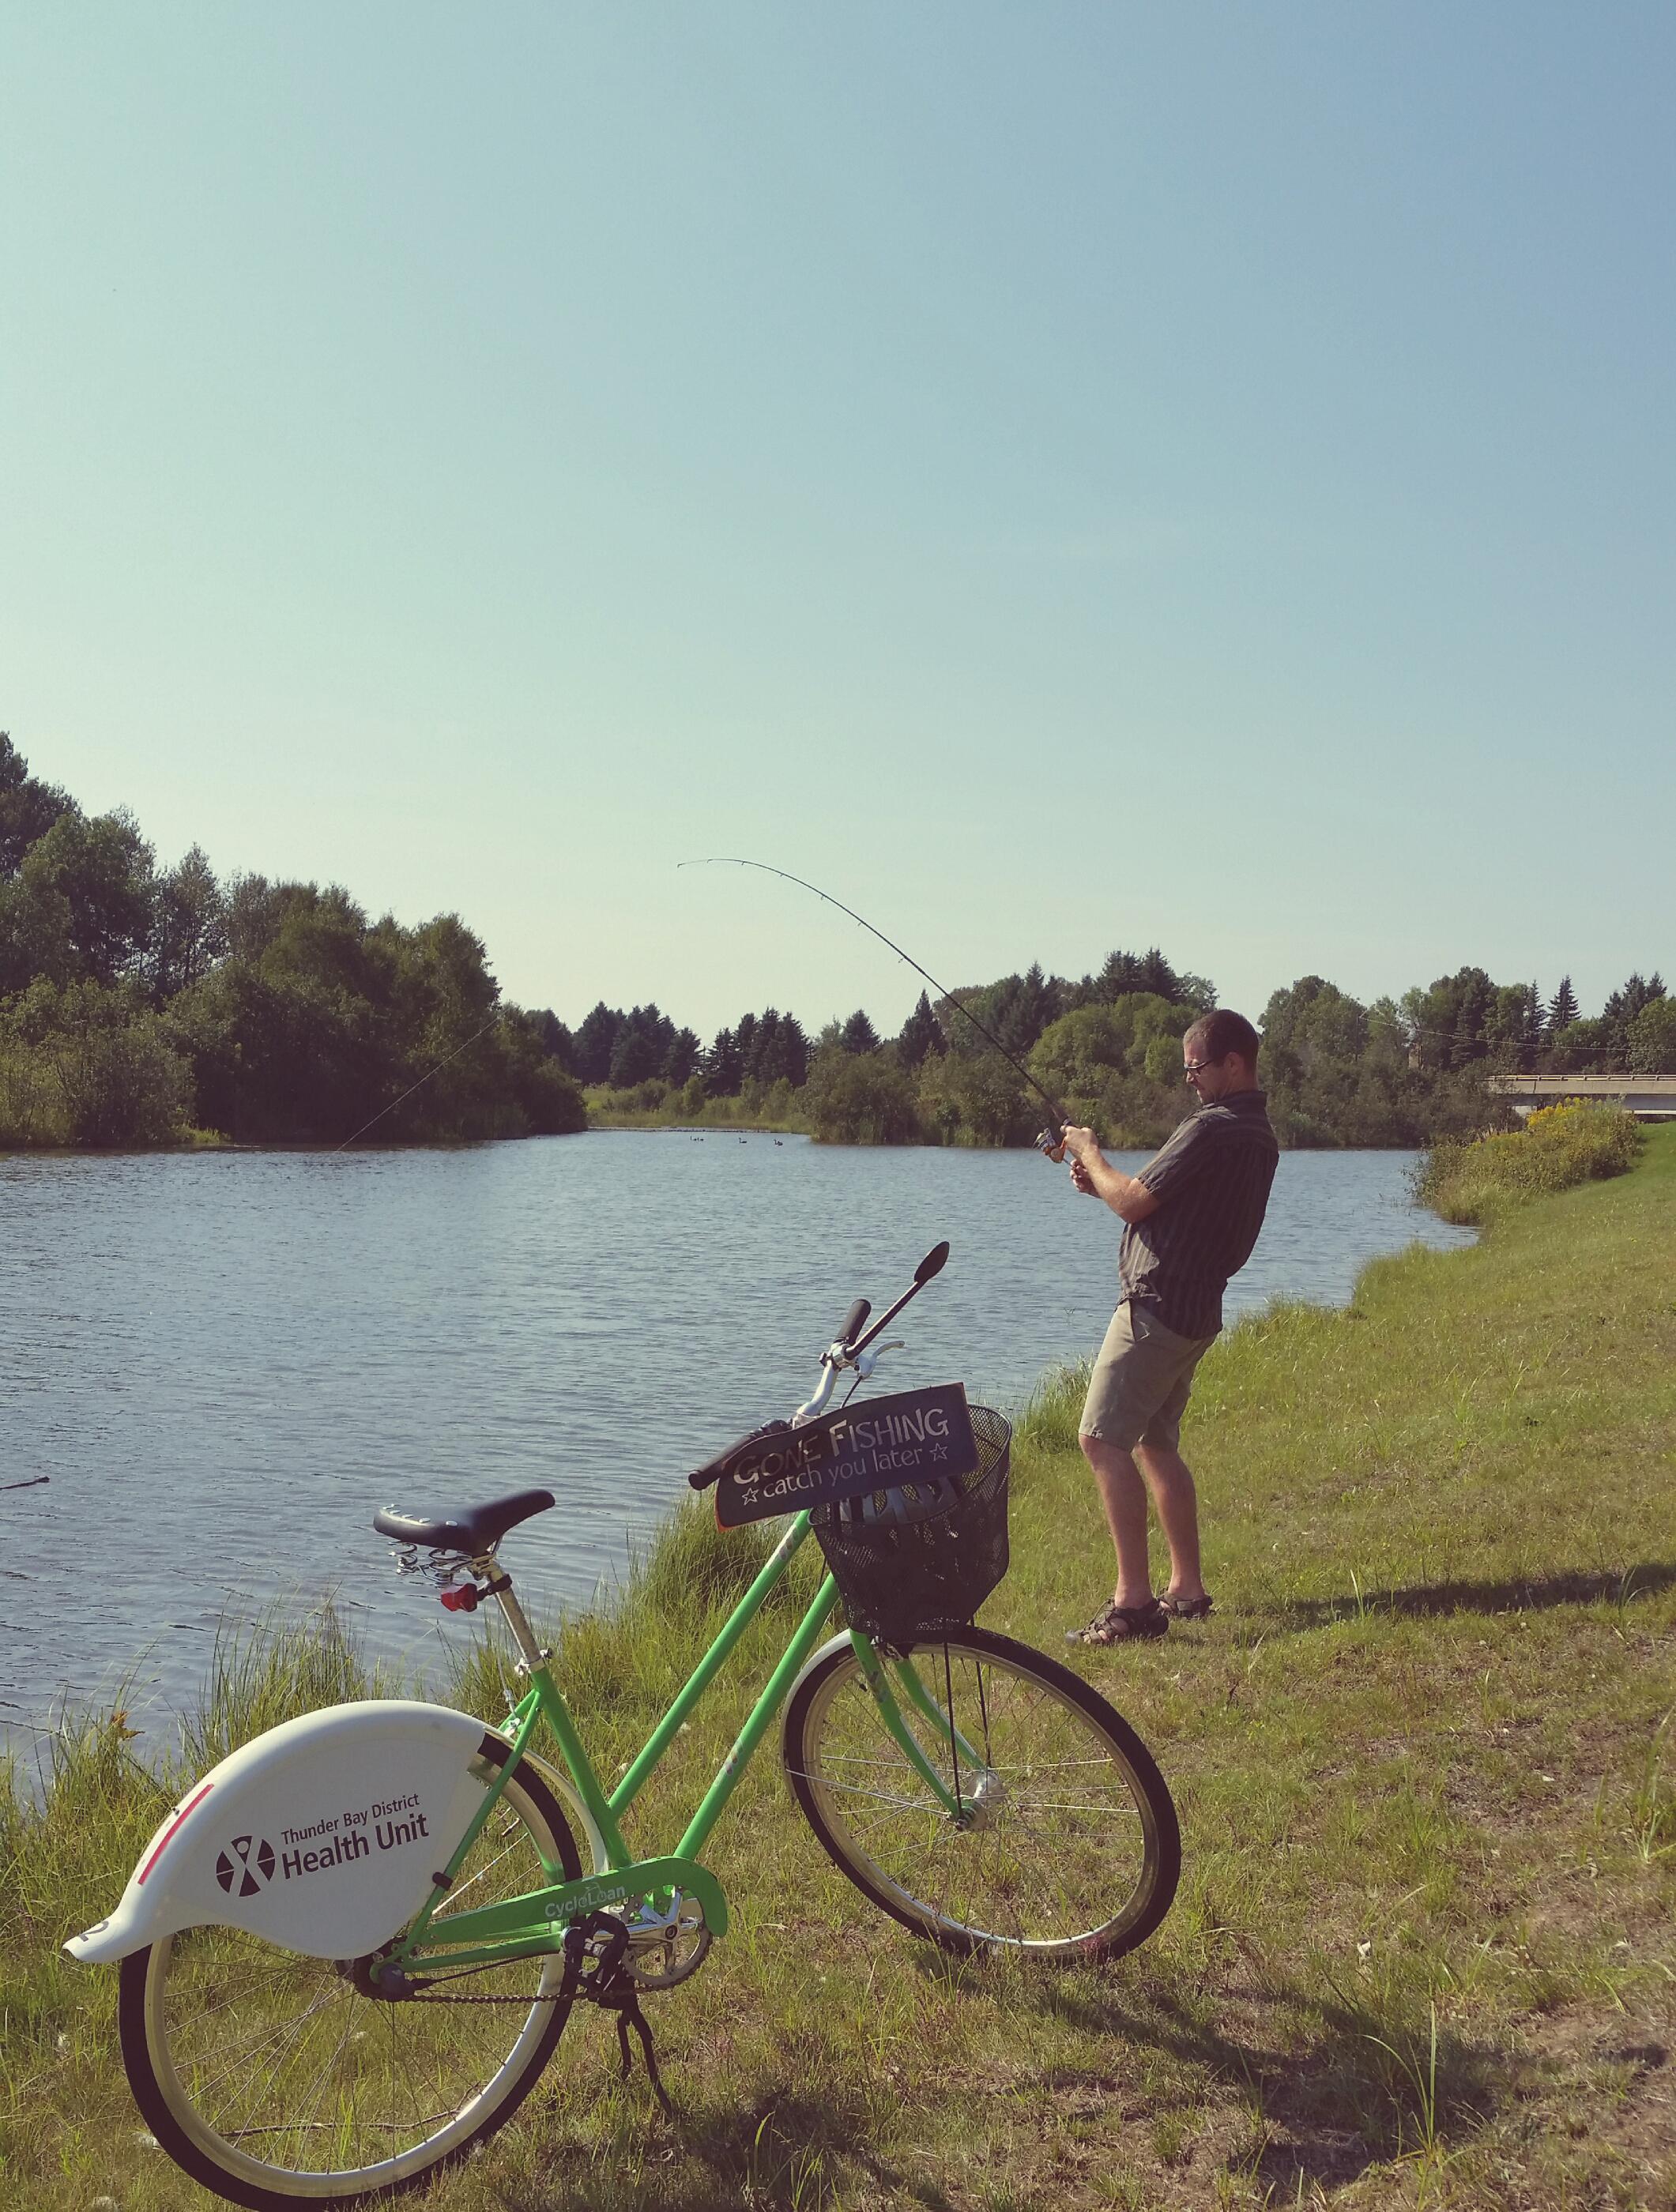 55e9ffbb381ea-fishing.jpg